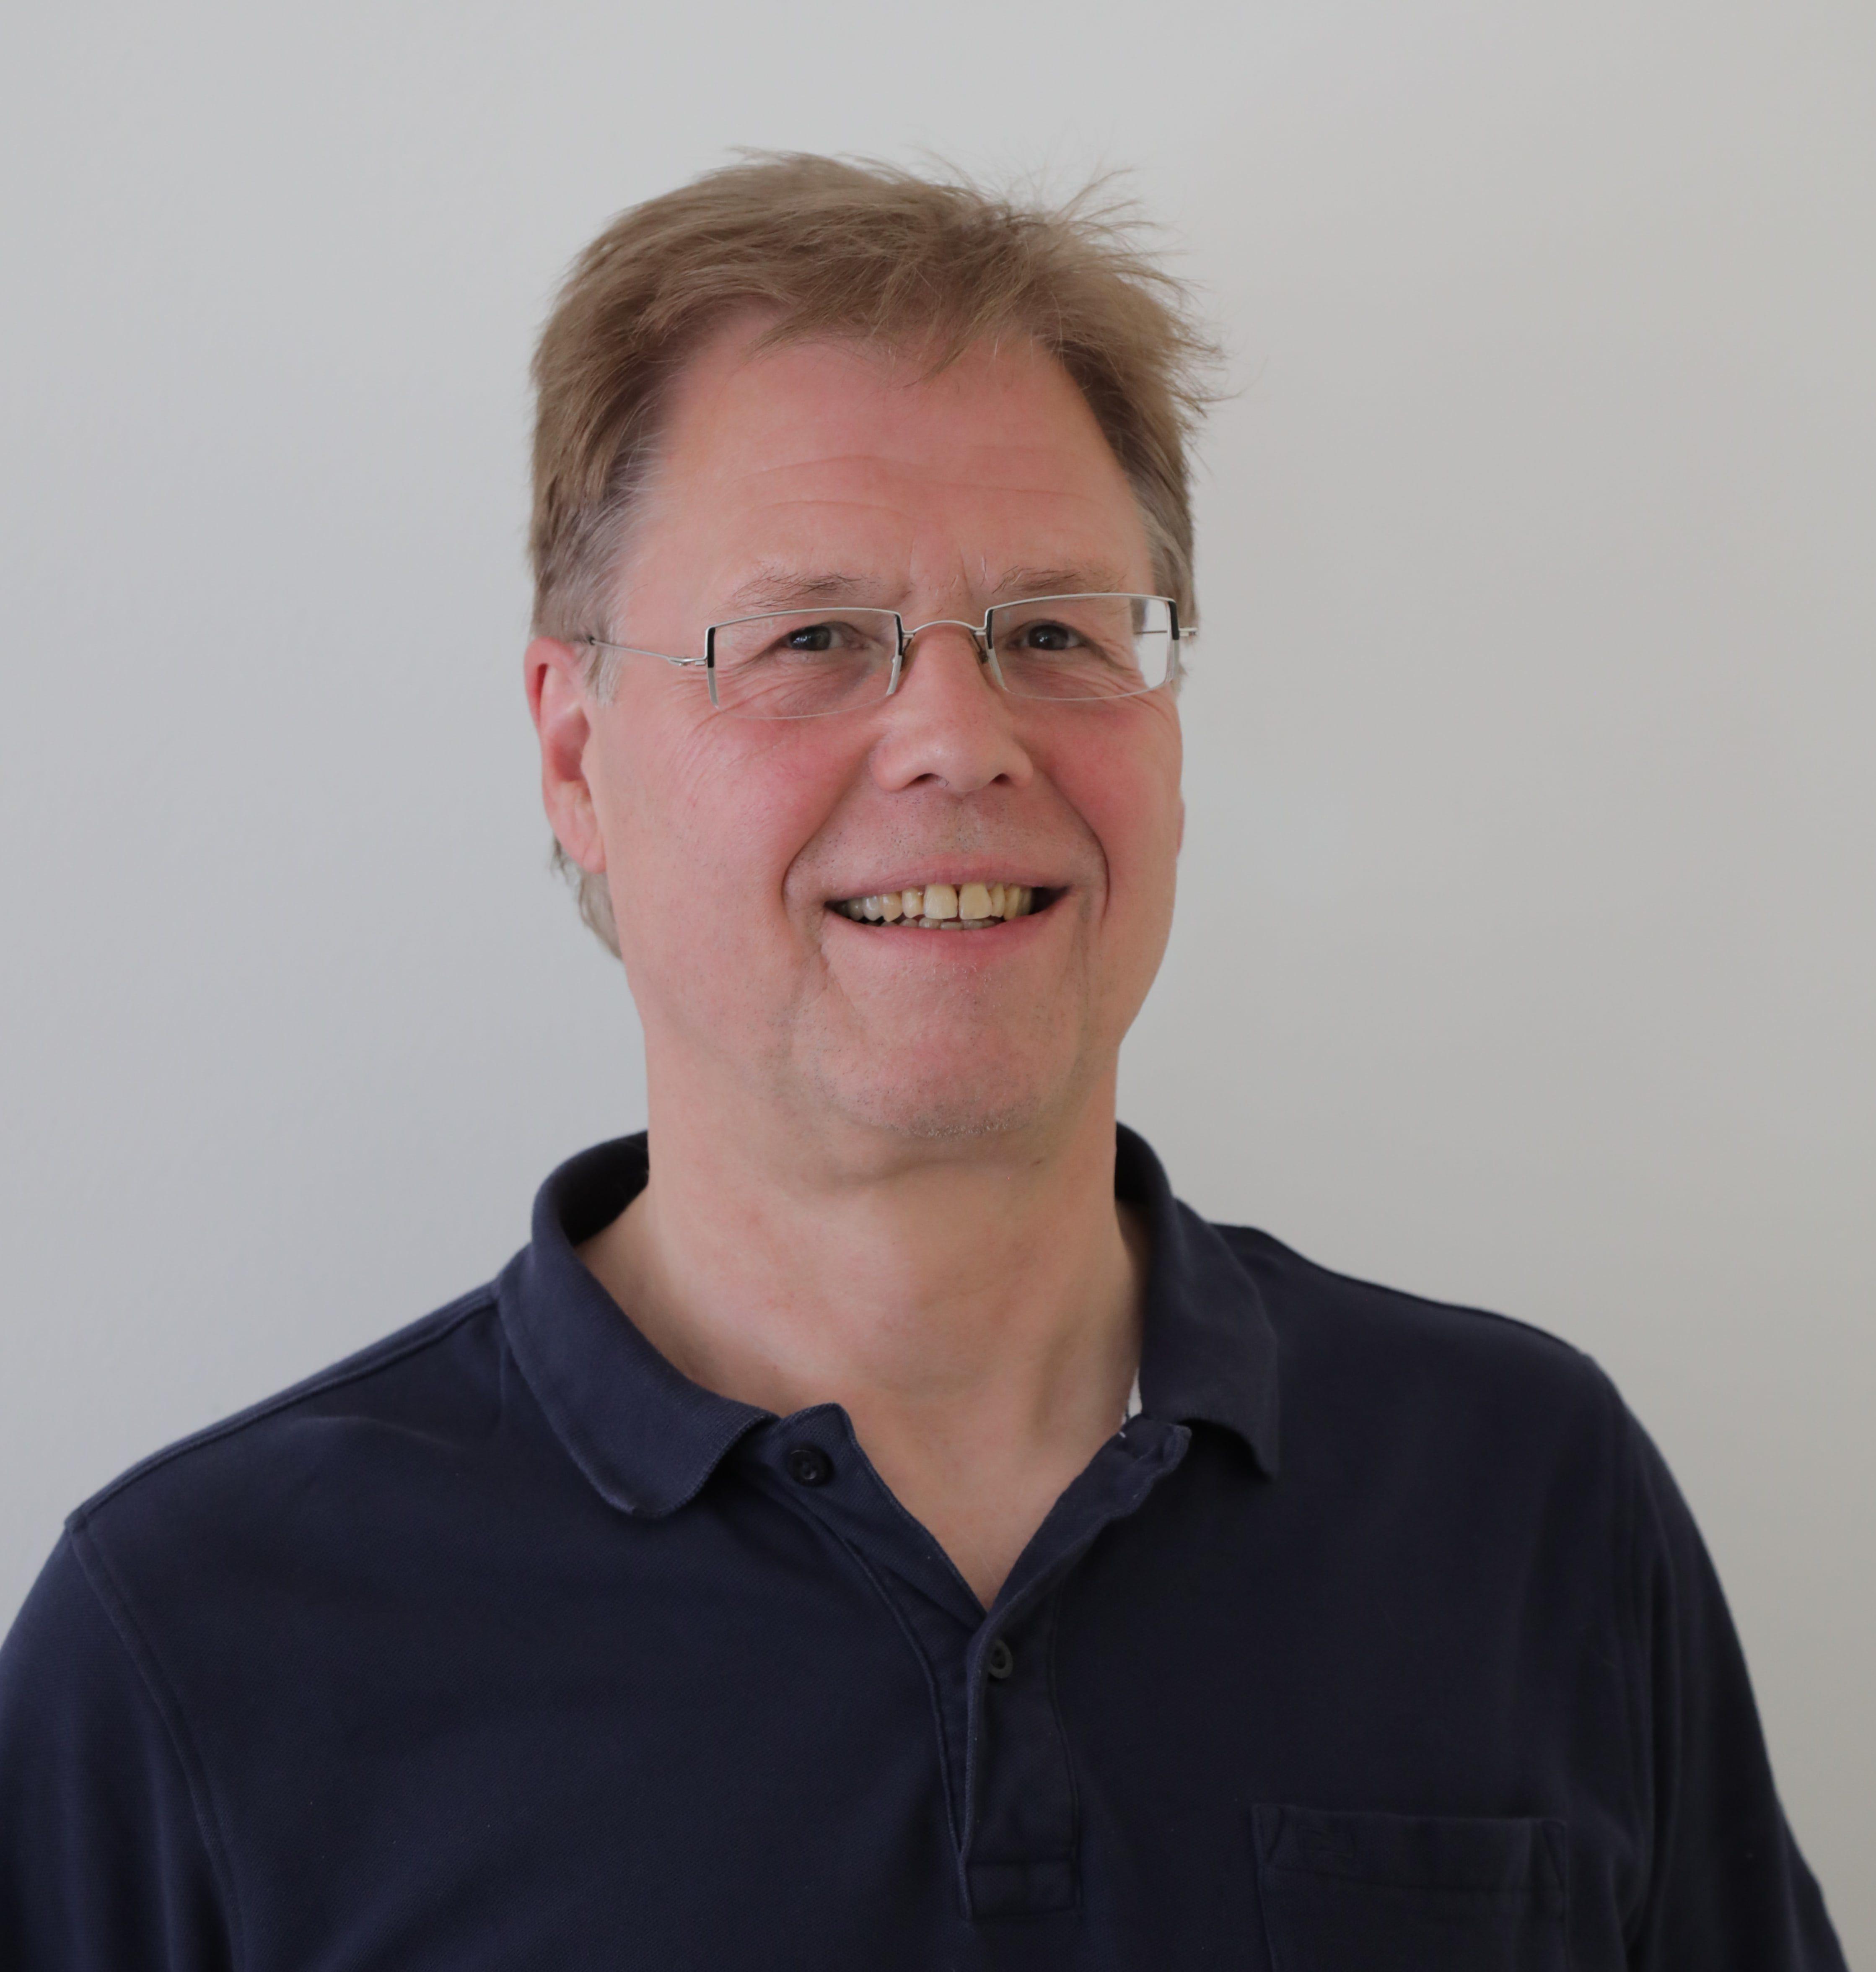 Gregor Schomaker